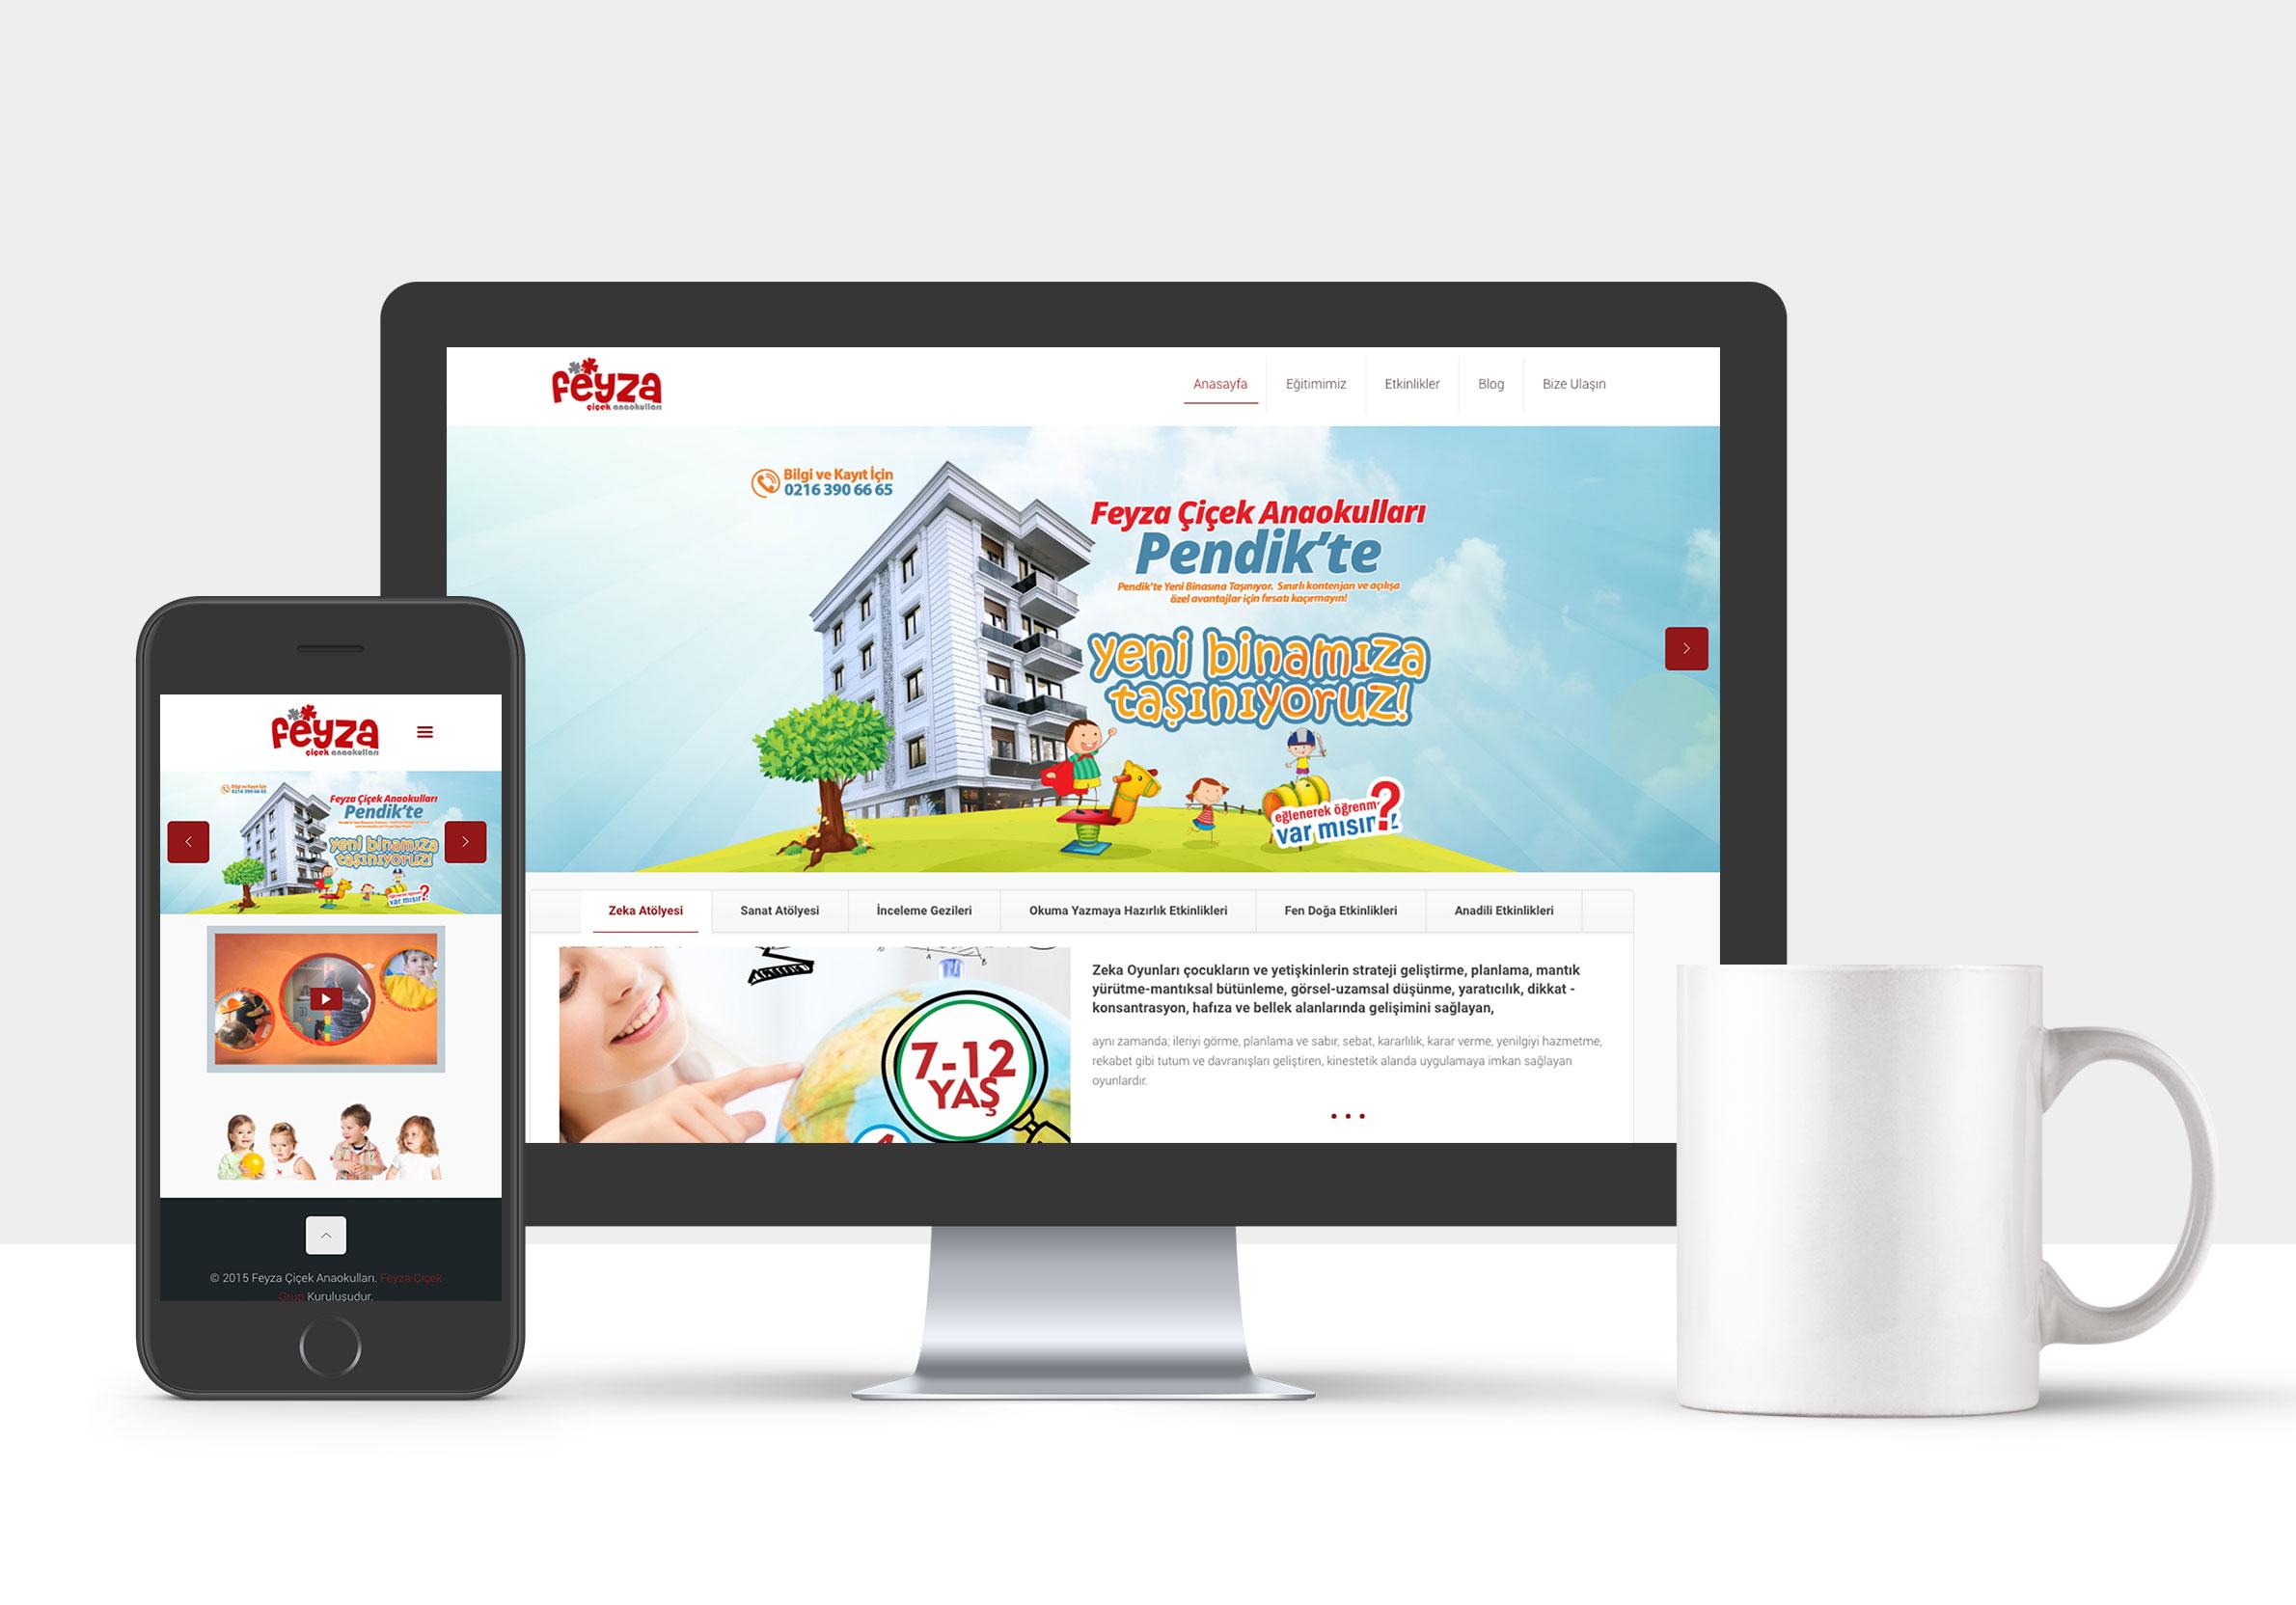 feyza-cicek-anaokulu-kurumsal-web-tasarim.jpg